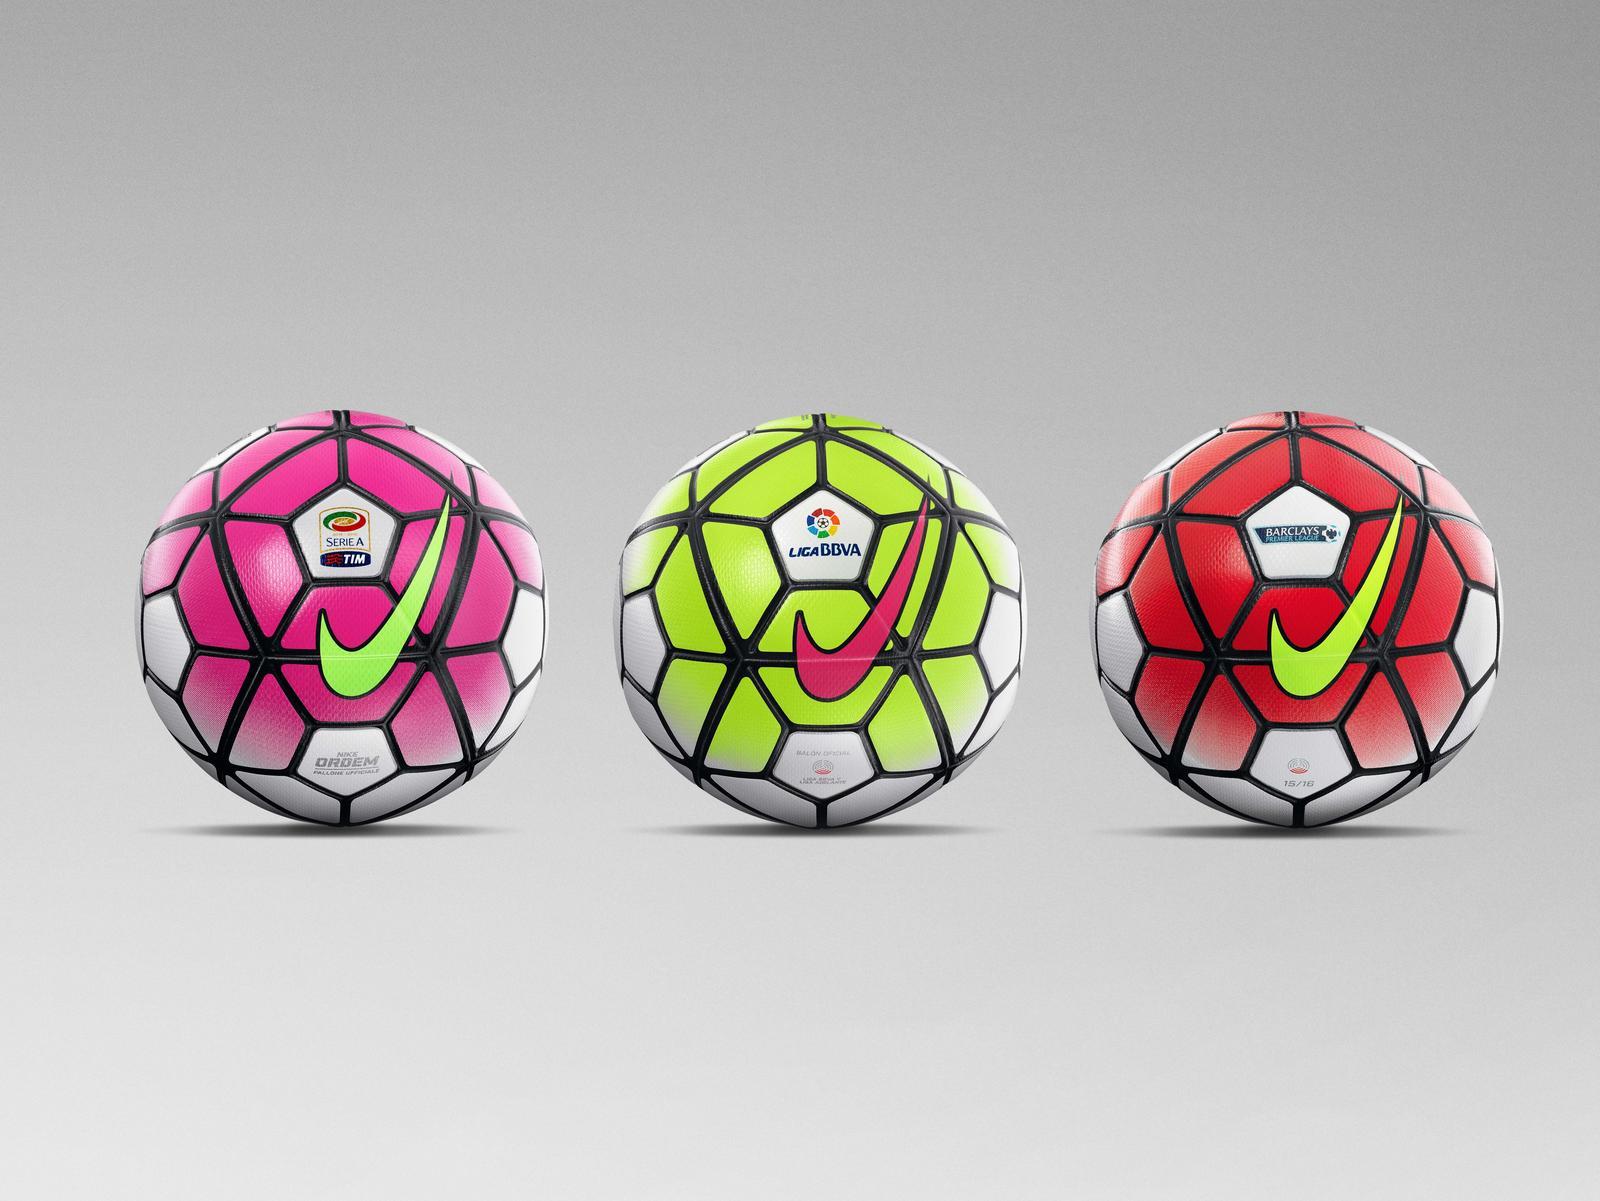 6dd860ed15231 Nike Ordem 3 Football Brings Unrivalled Flight to Europe's Top ...